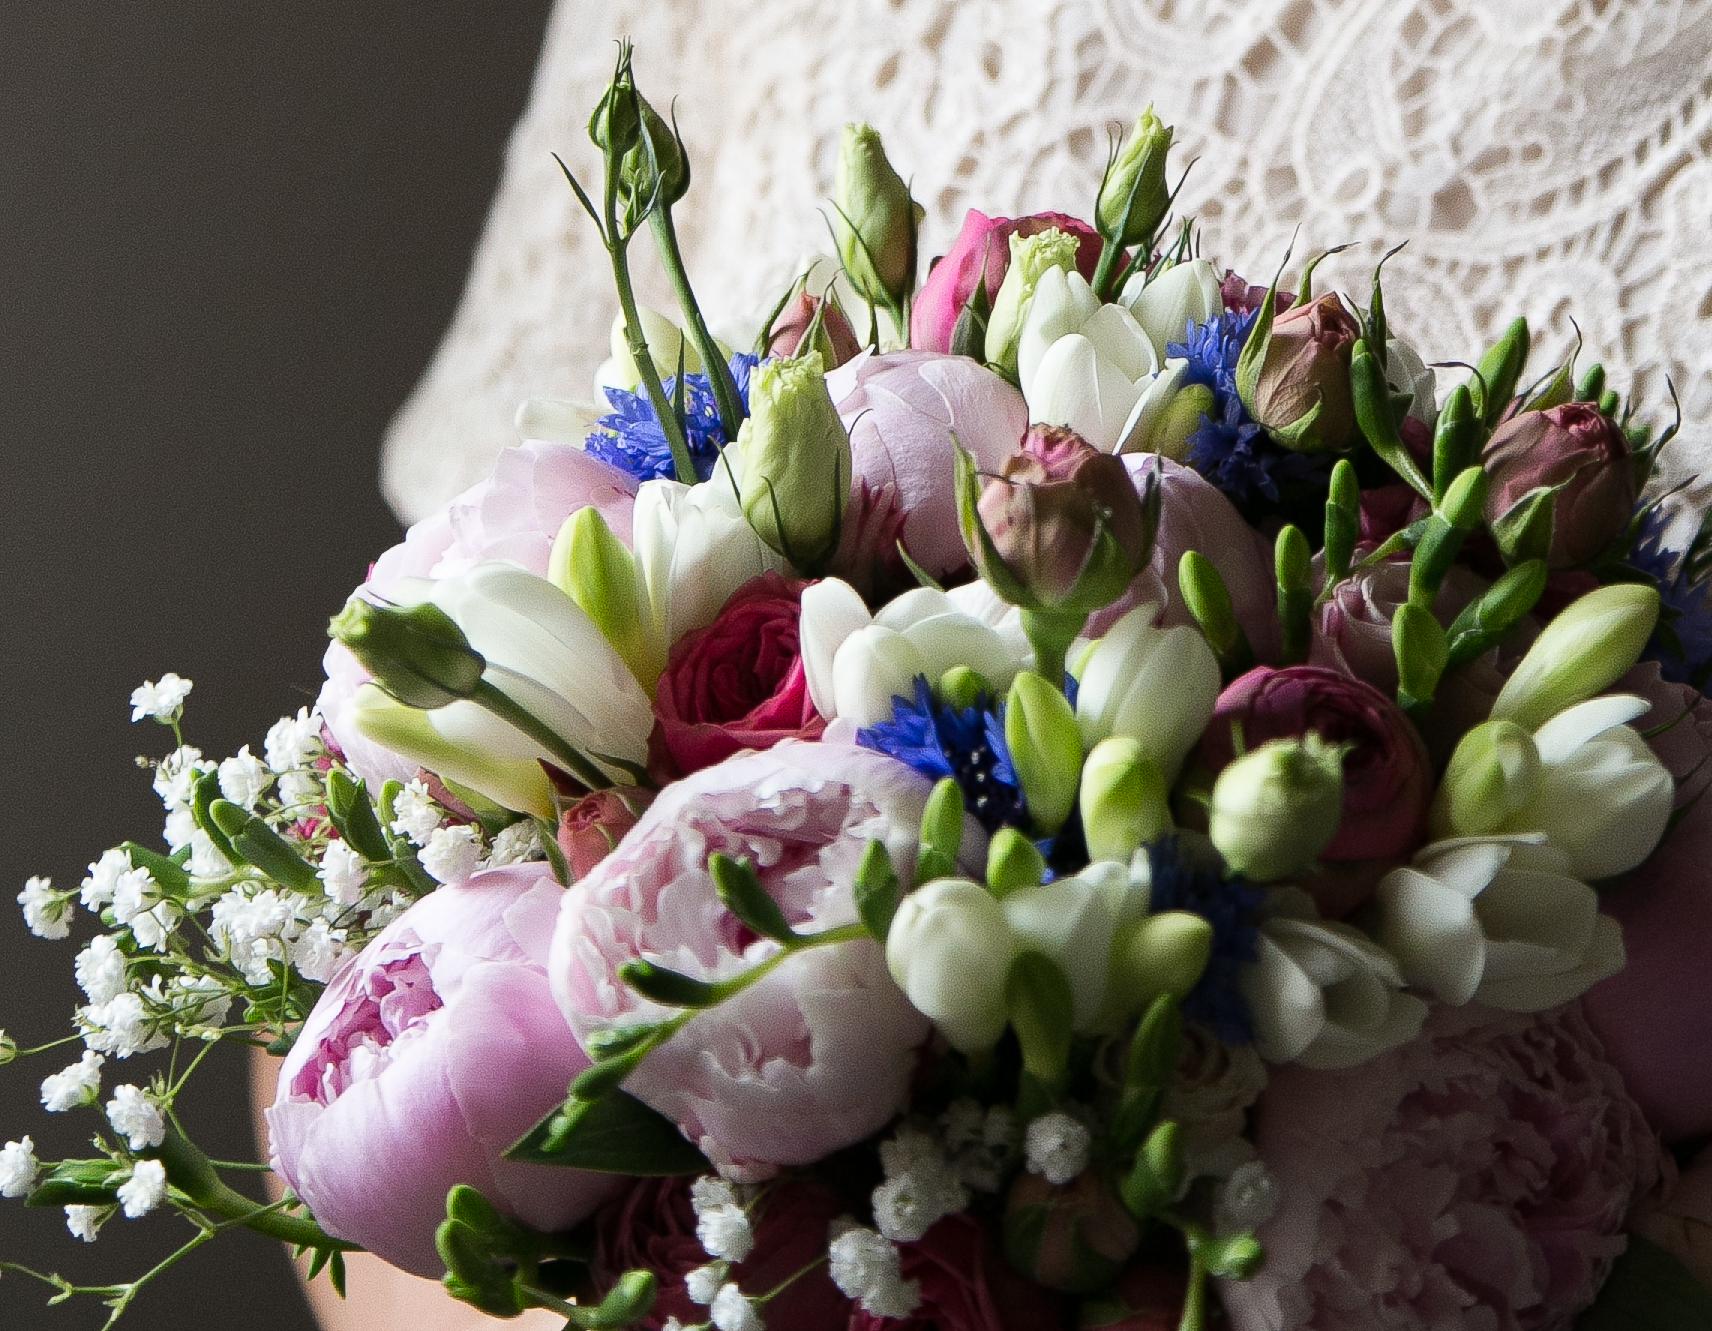 sarahs-flowers-1-3.jpg